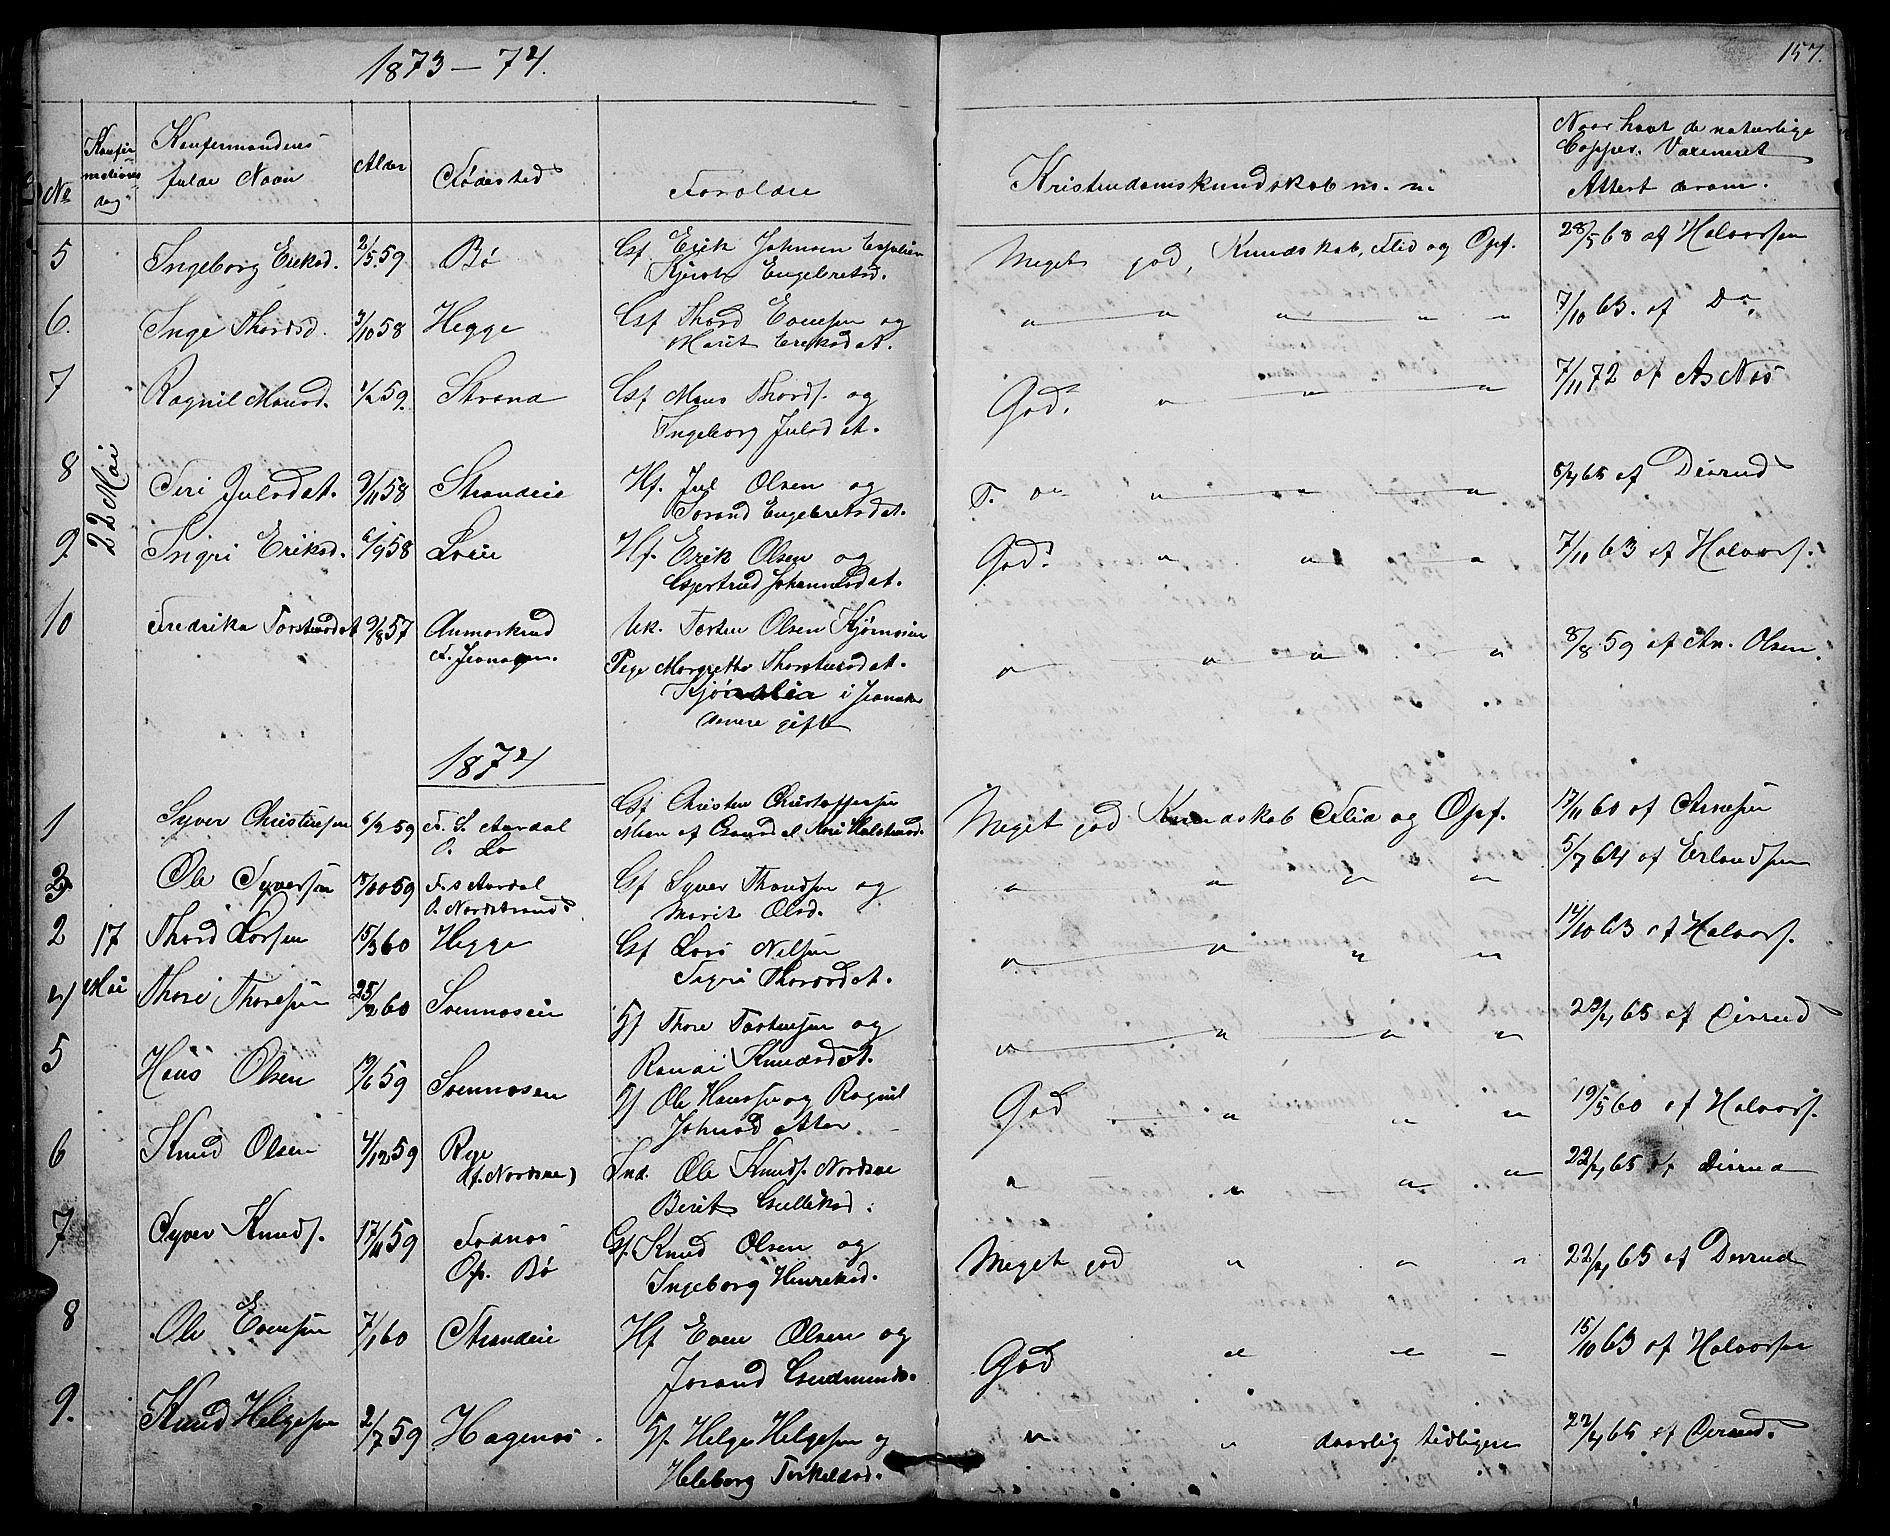 SAH, Nord-Aurdal prestekontor, Klokkerbok nr. 3, 1842-1882, s. 157